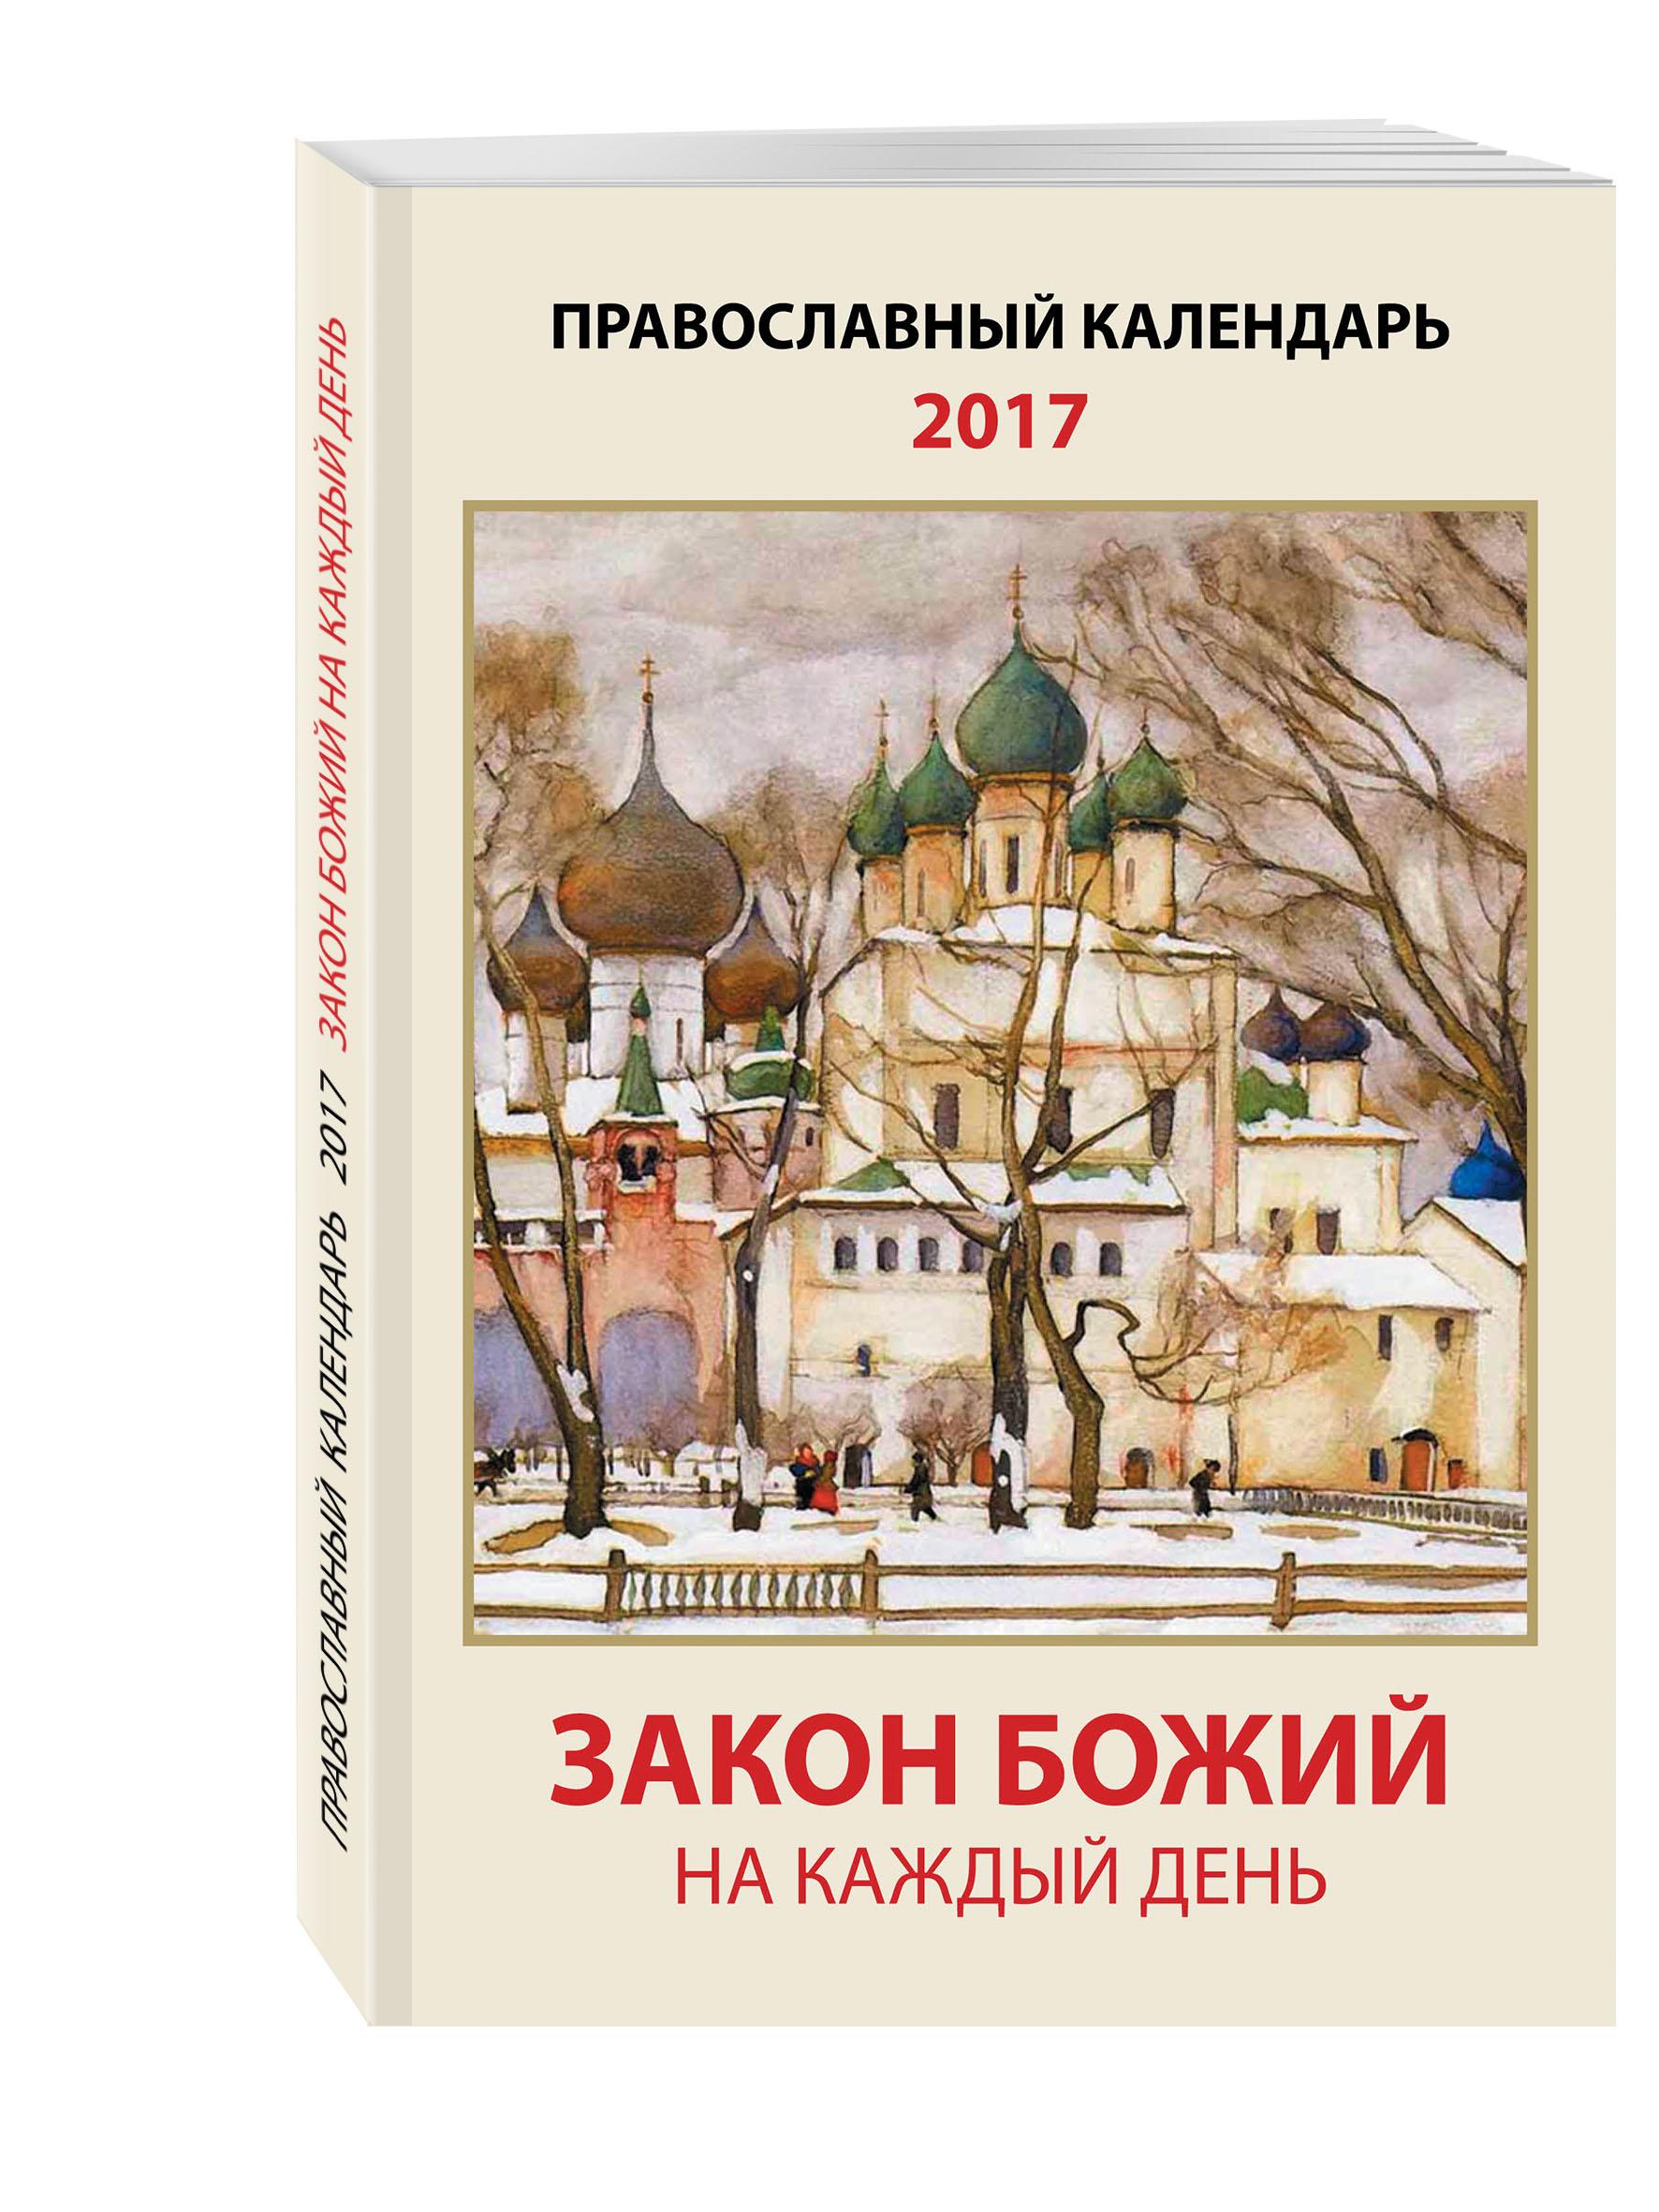 Закон Божий на каждый день. Православный календарь на 2017 год